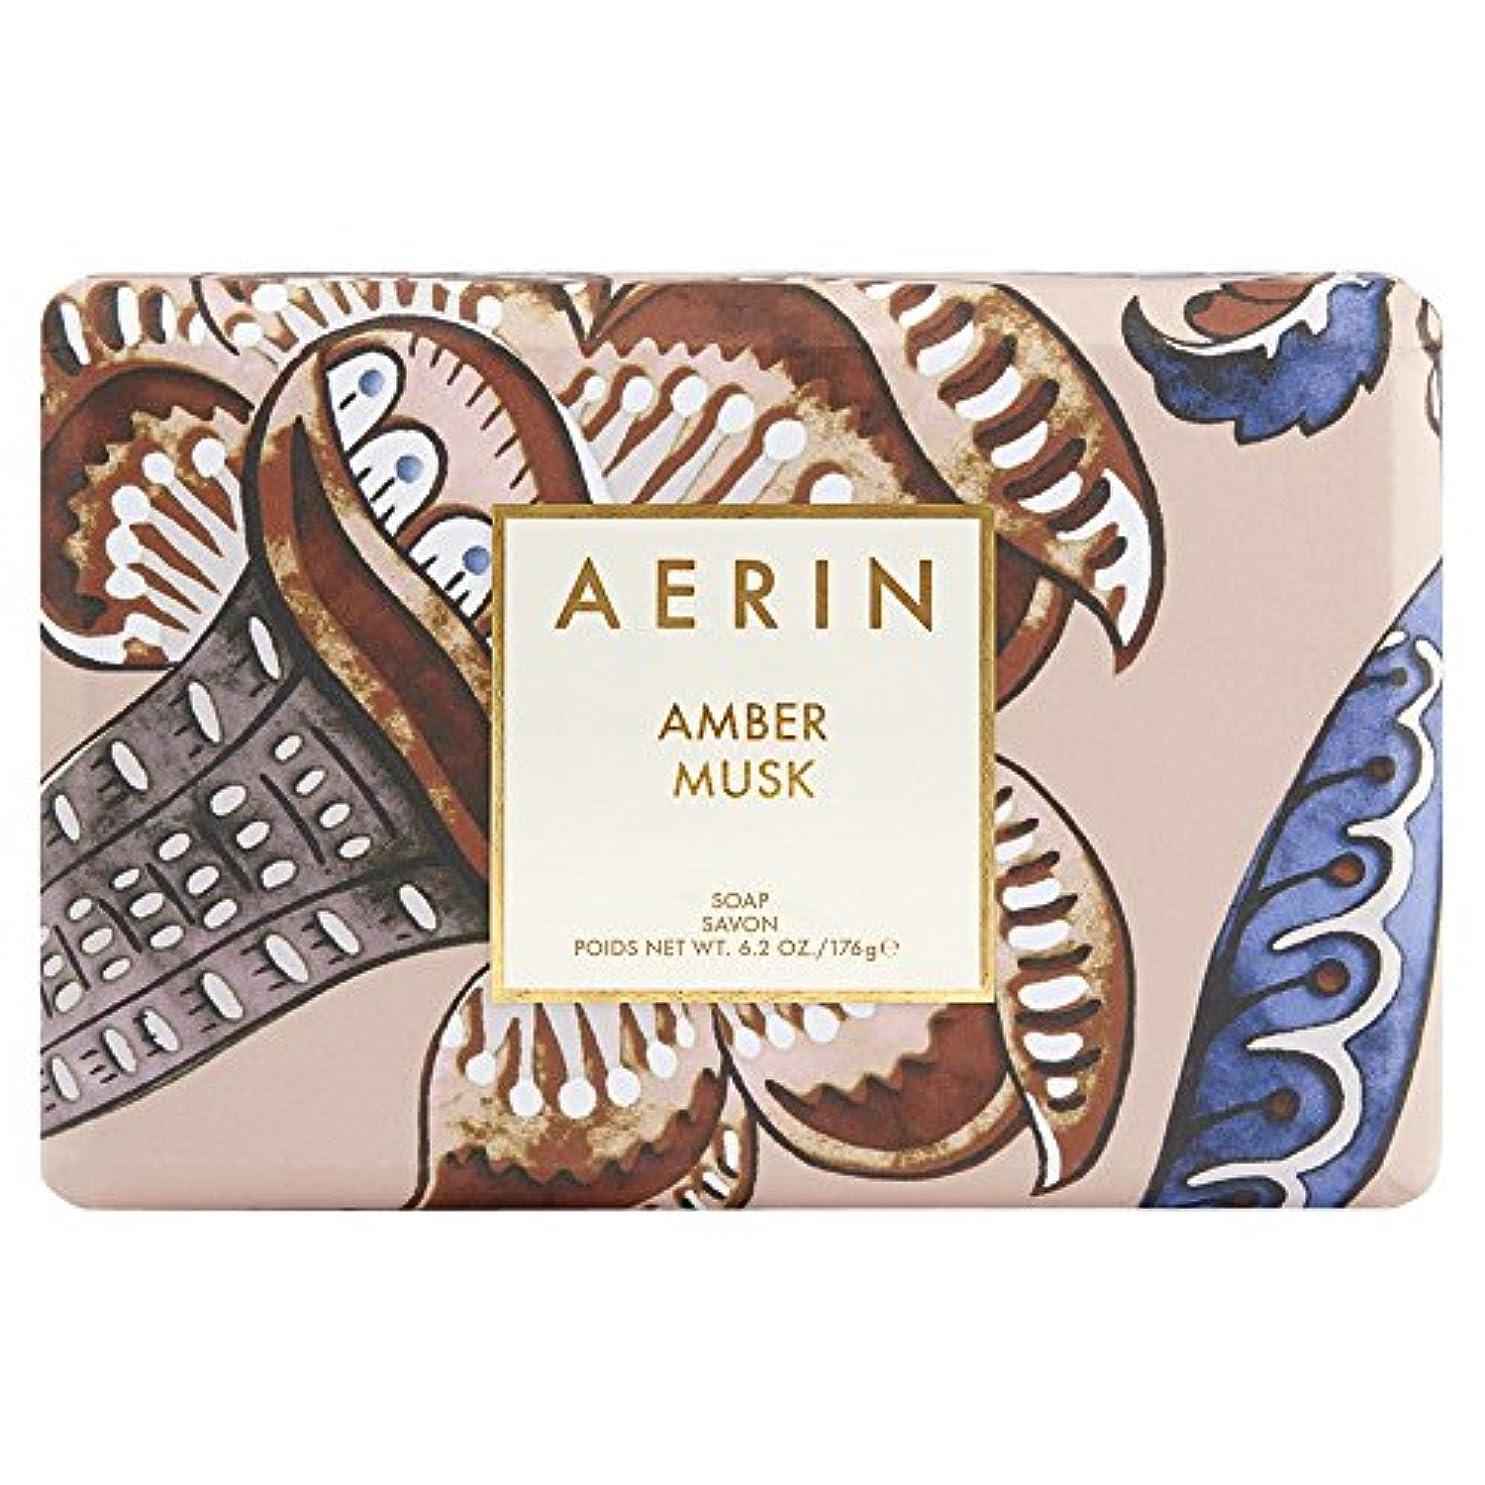 病な一月辛なAerinアンバームスクソープ176グラム (AERIN) (x6) - AERIN Amber Musk Soap 176g (Pack of 6) [並行輸入品]